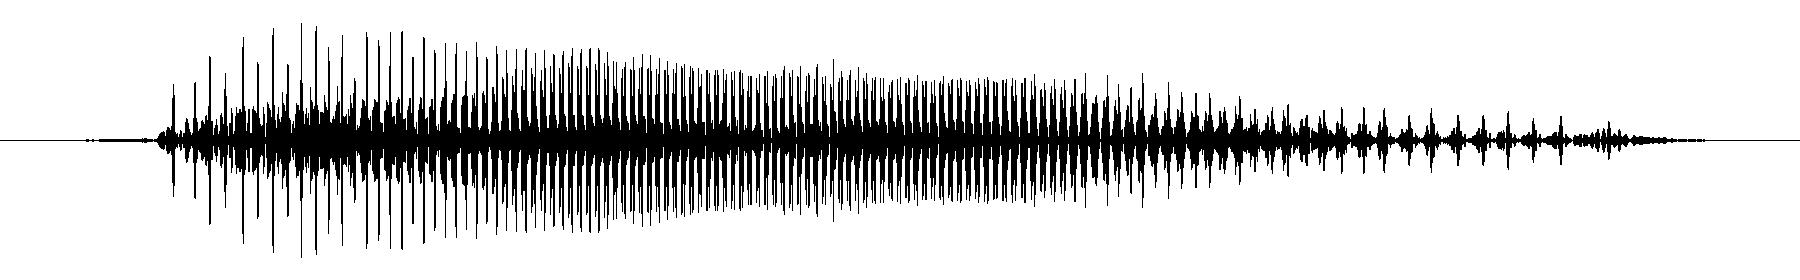 49953 ratt placerad atom v3 wav